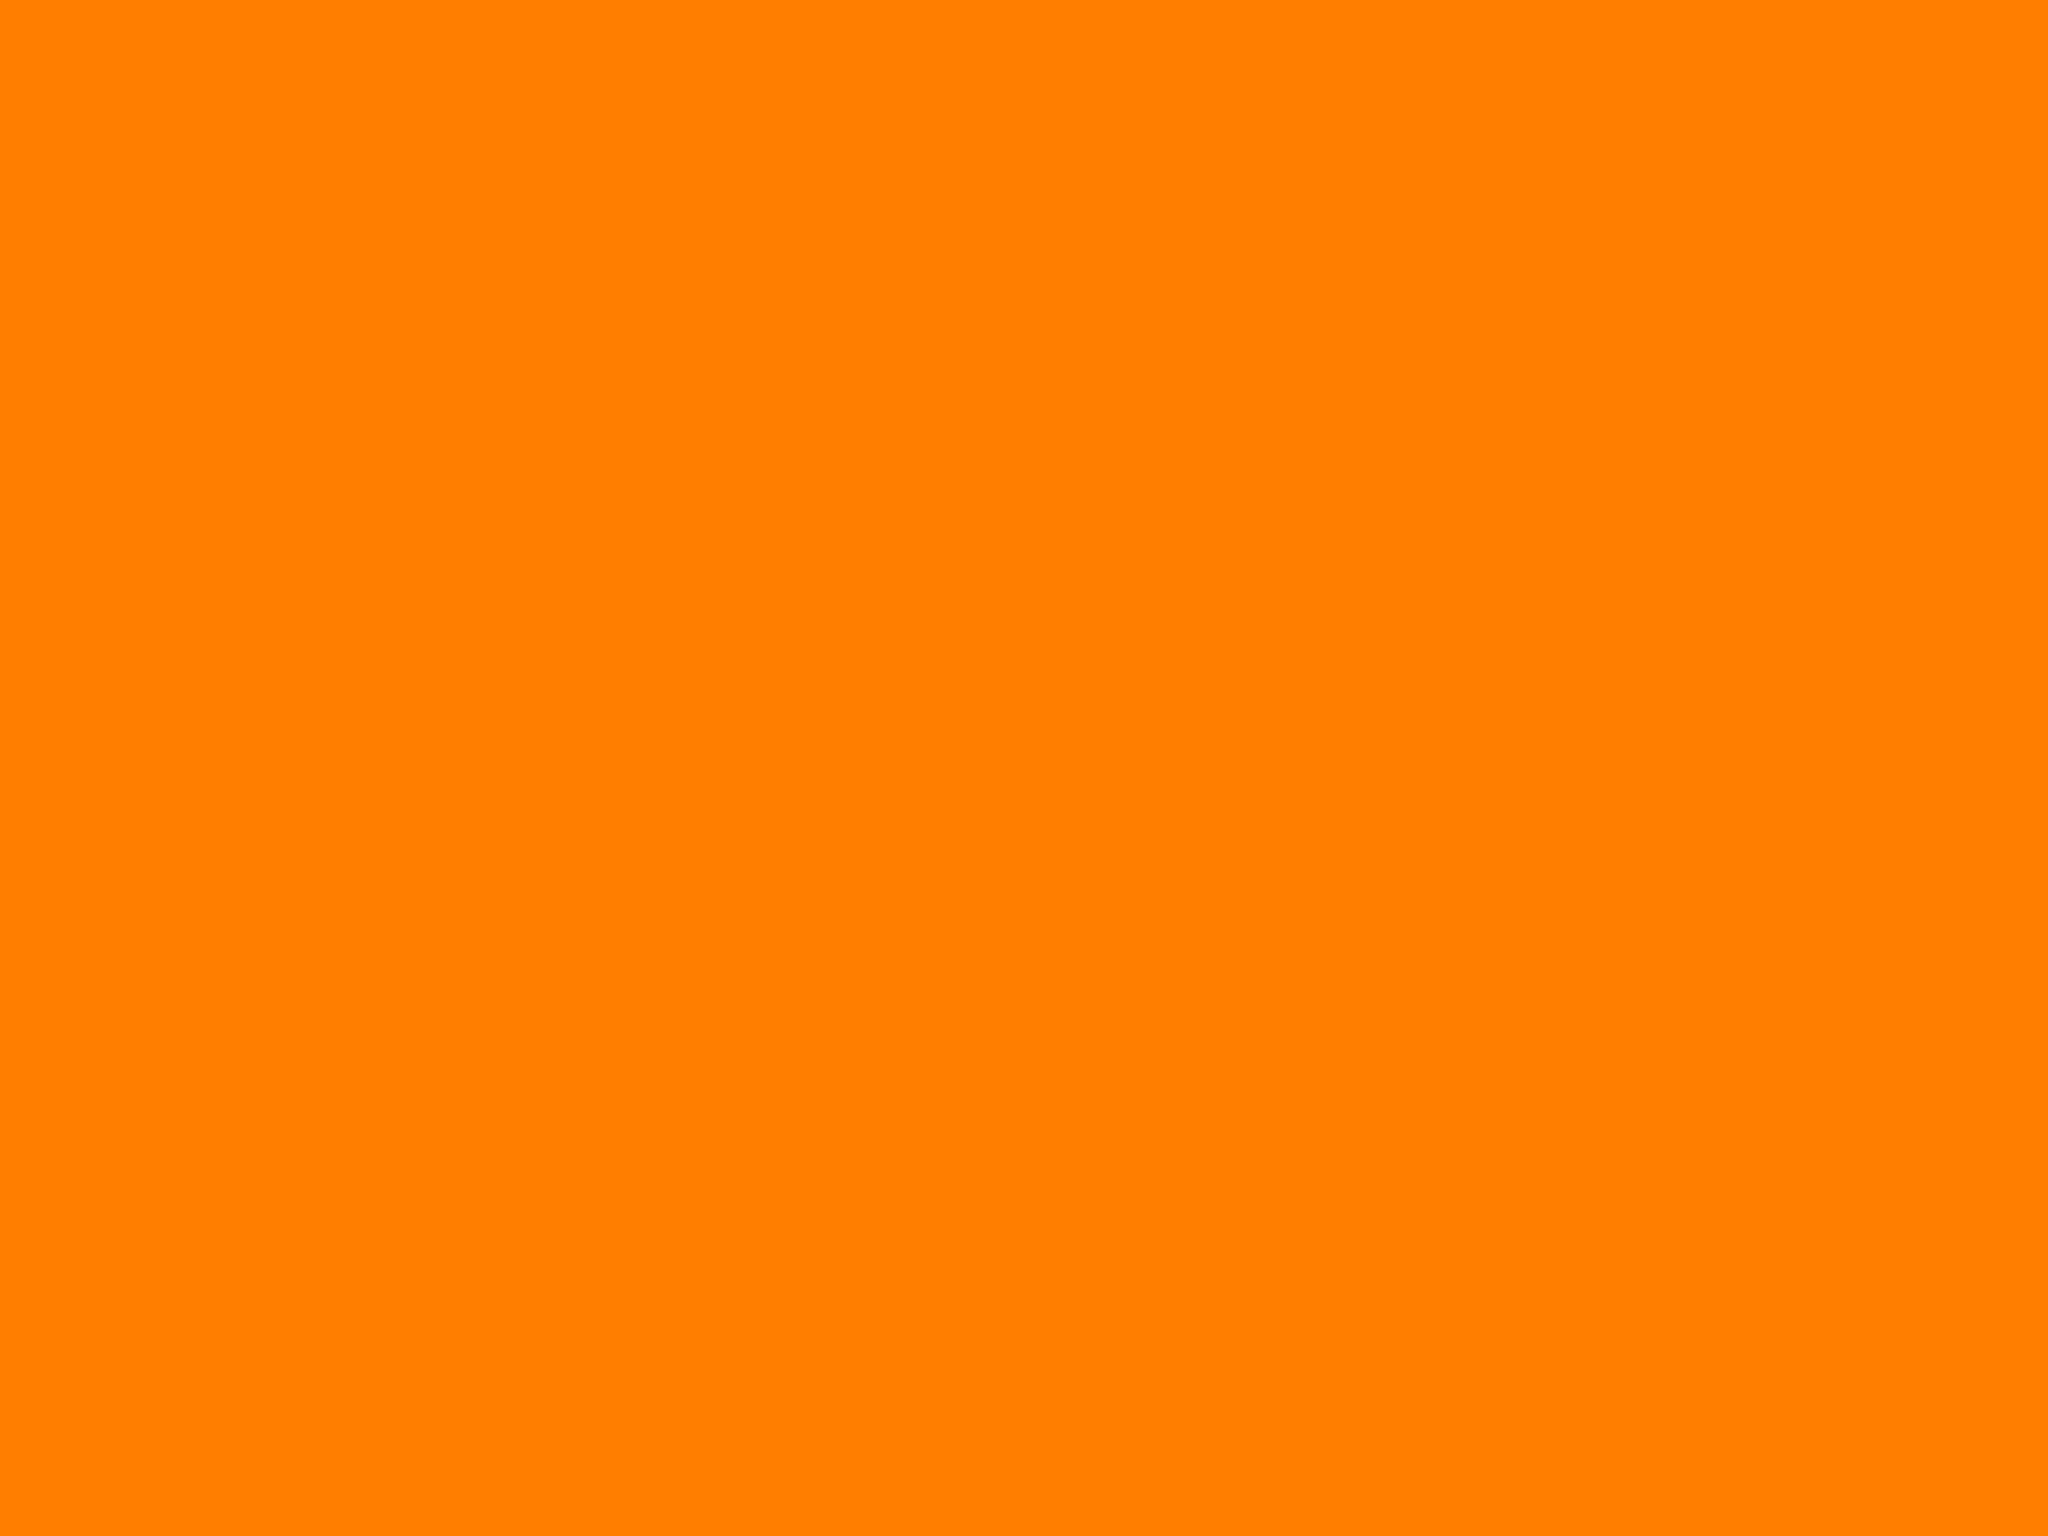 2048x1536 Amber Orange Solid Color Background